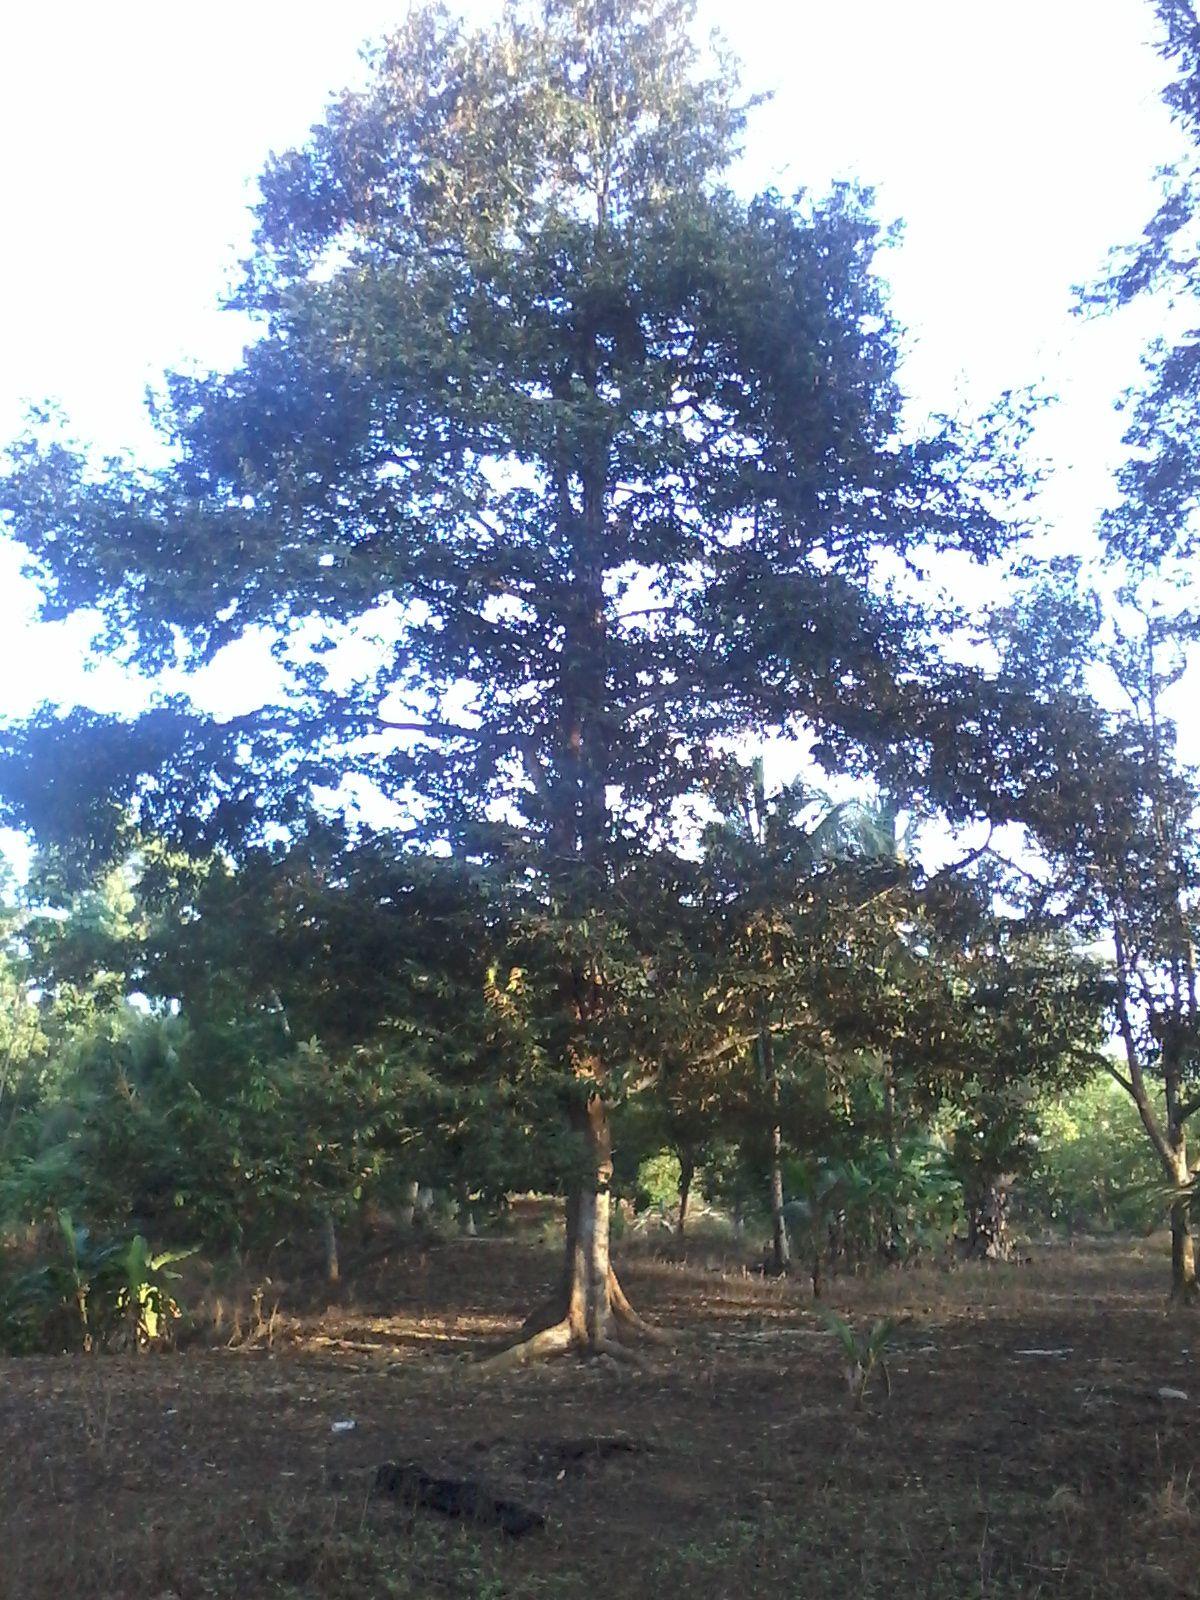 ini pohon duren yang ada di kebun milik cici nya bokap gue.. kalau duren nya lagi jatuh, kami makan duren gratis dehh.. mantabb..